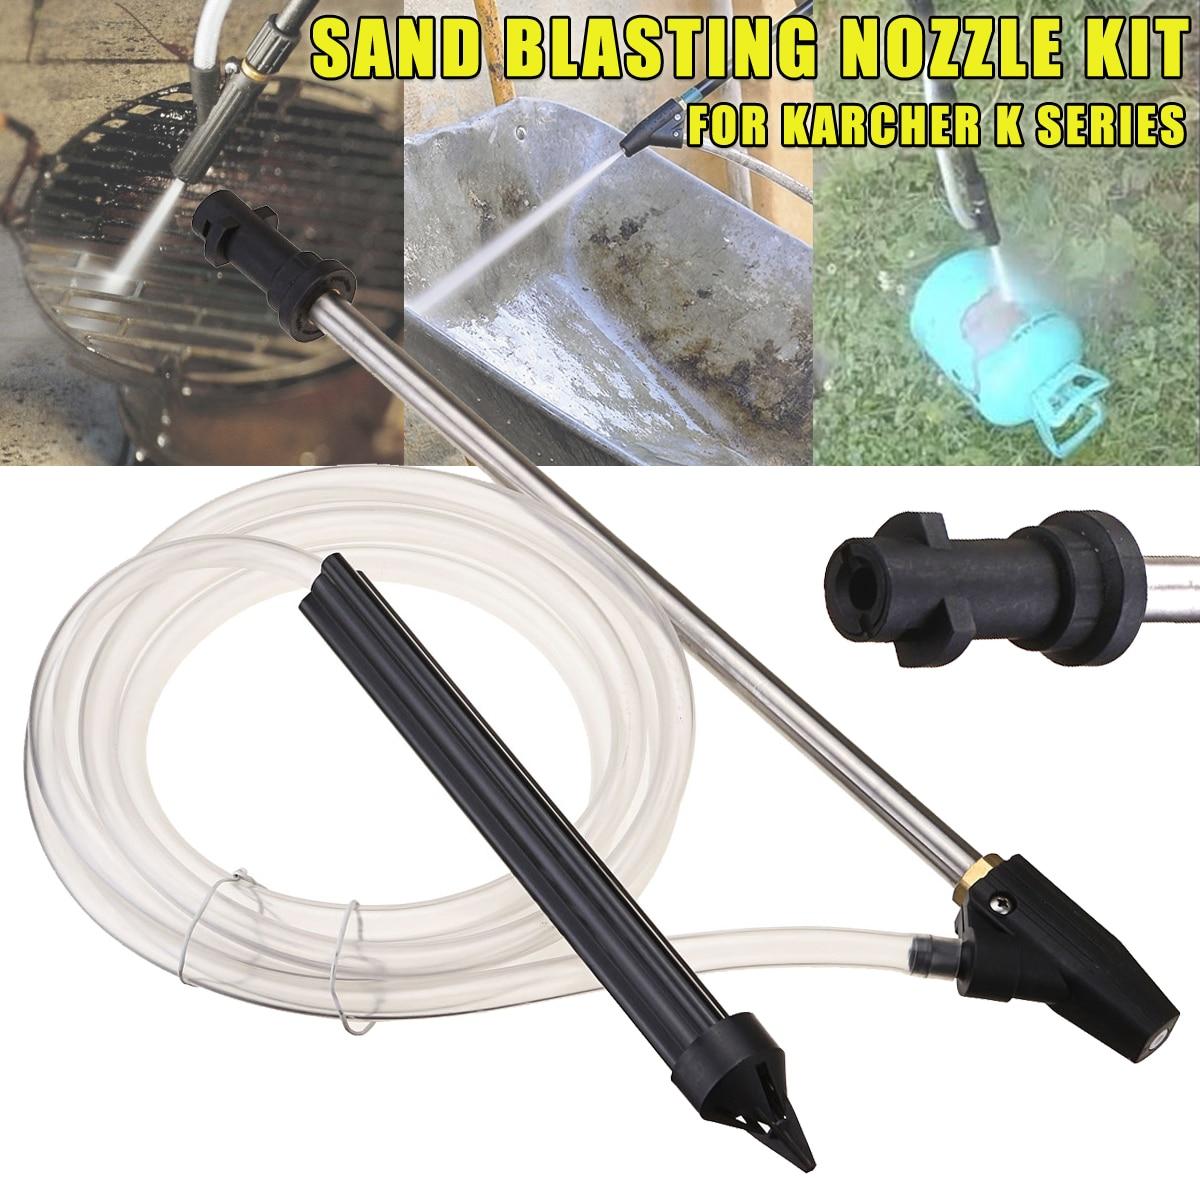 Portable Sand Blaster Wet Blasting Washer Sandblasting Kit For K K Series High Pressure Washers Blasting Pressure Gun|kit|kit kits  - AliExpress